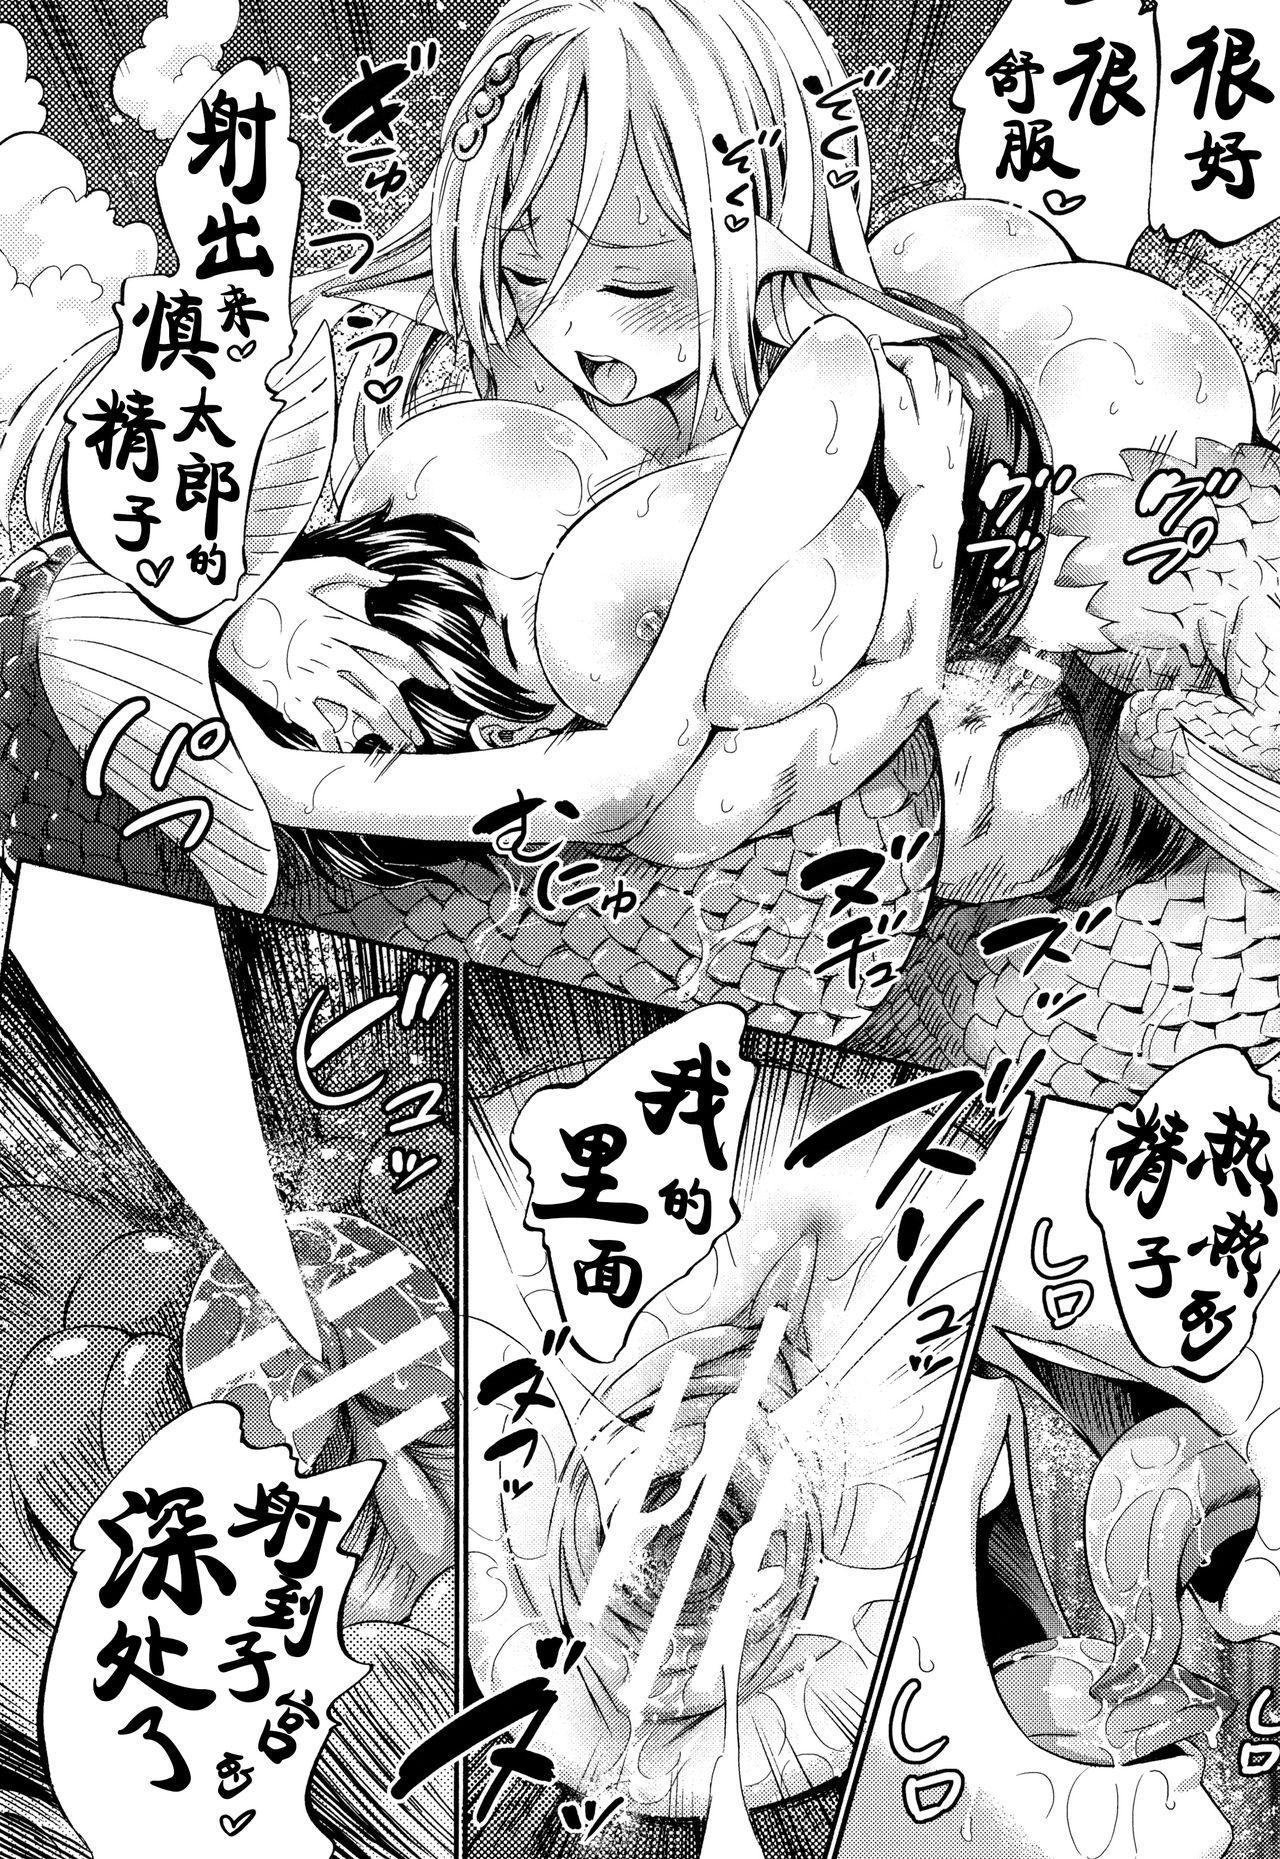 Appli de Hentai Pool no Sukumizu Ningyo 13